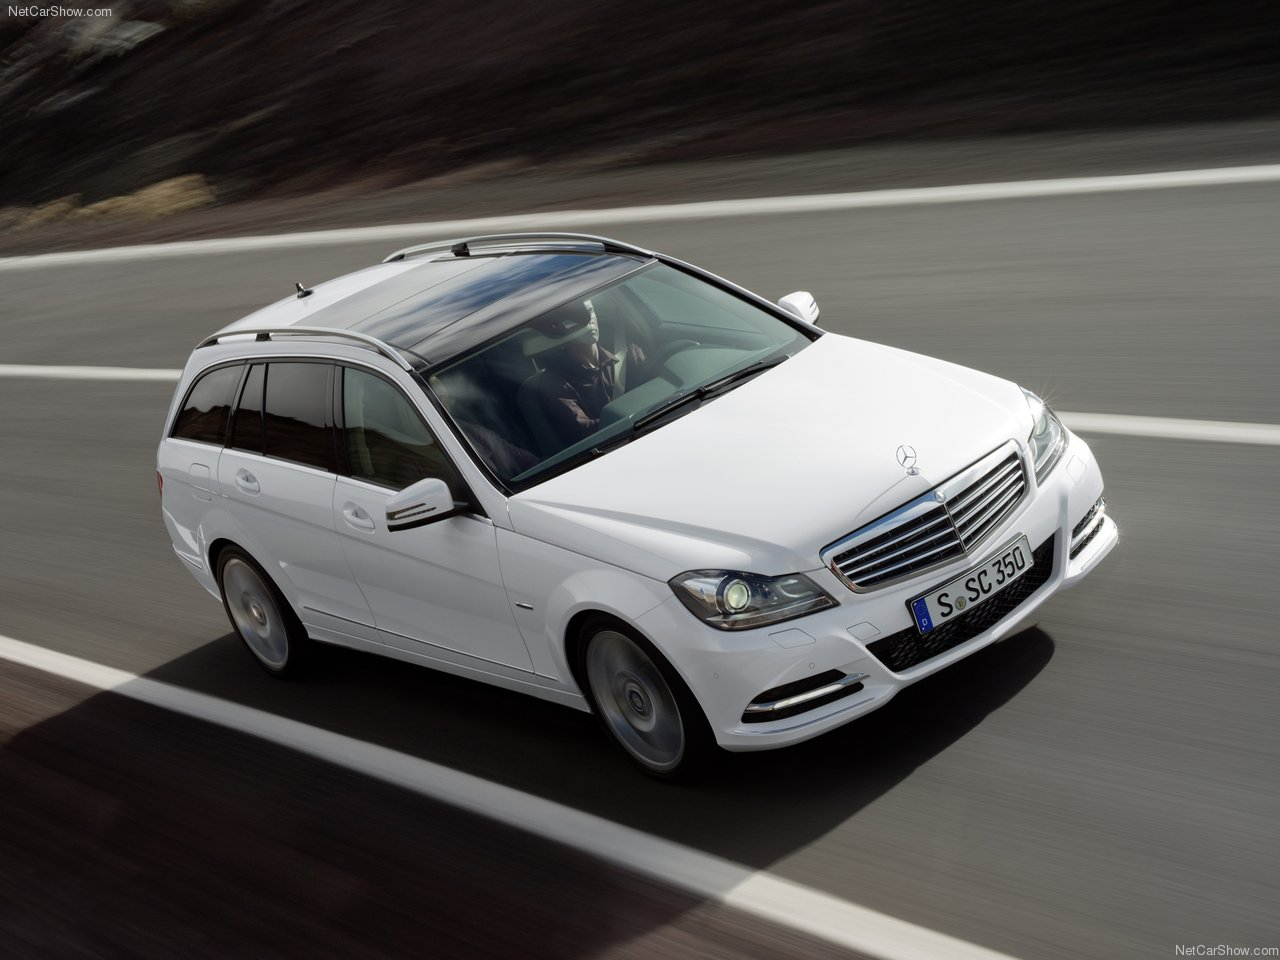 http://3.bp.blogspot.com/_vPMjJG-enrk/TRL_jMLeLlI/AAAAAAAADuo/myhpD_SyQR0/s1600/Mercedes-Benz-C-Class_2012_1280x960_wallpaper_09.jpg